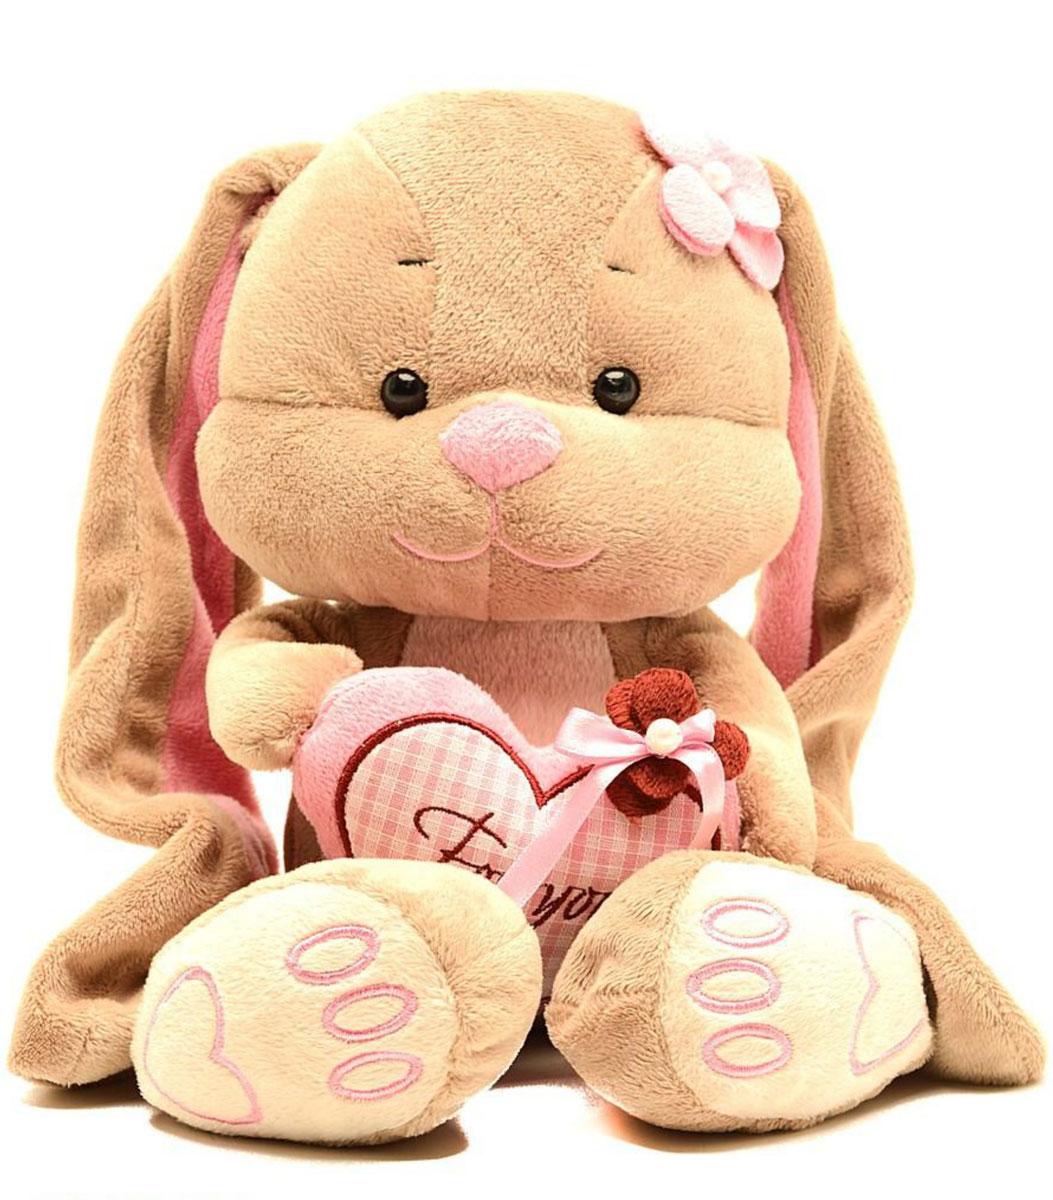 Jack & Lin Мягкая игрушка Зайка Лин с сердцем 35 см игрушка jack and lin зайка лин черничный пуддинг jl 021 25